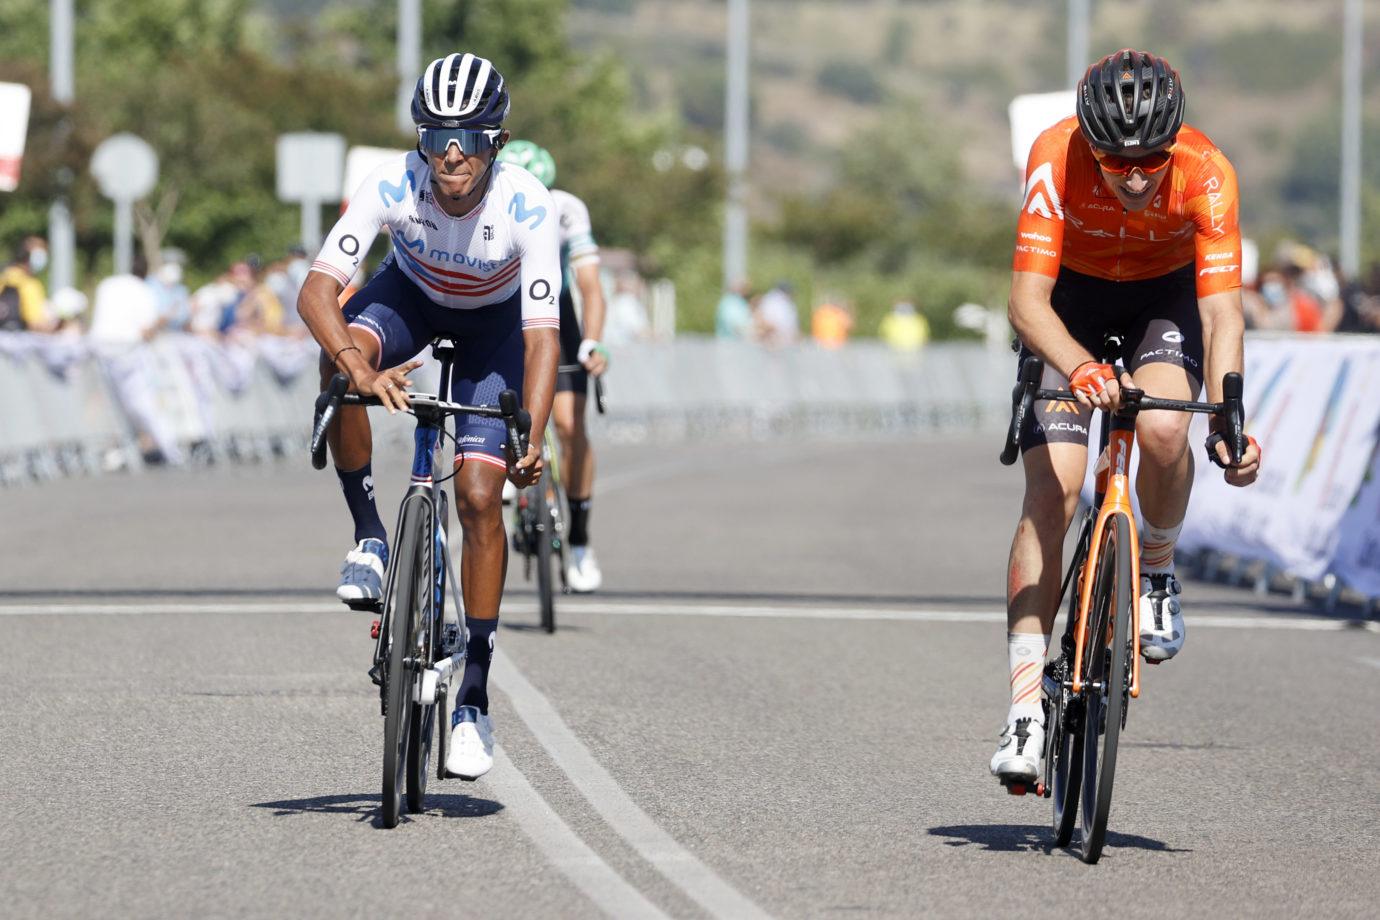 Imagen de la noticia 'Abner González 5th at Vuelta a Castilla y León'